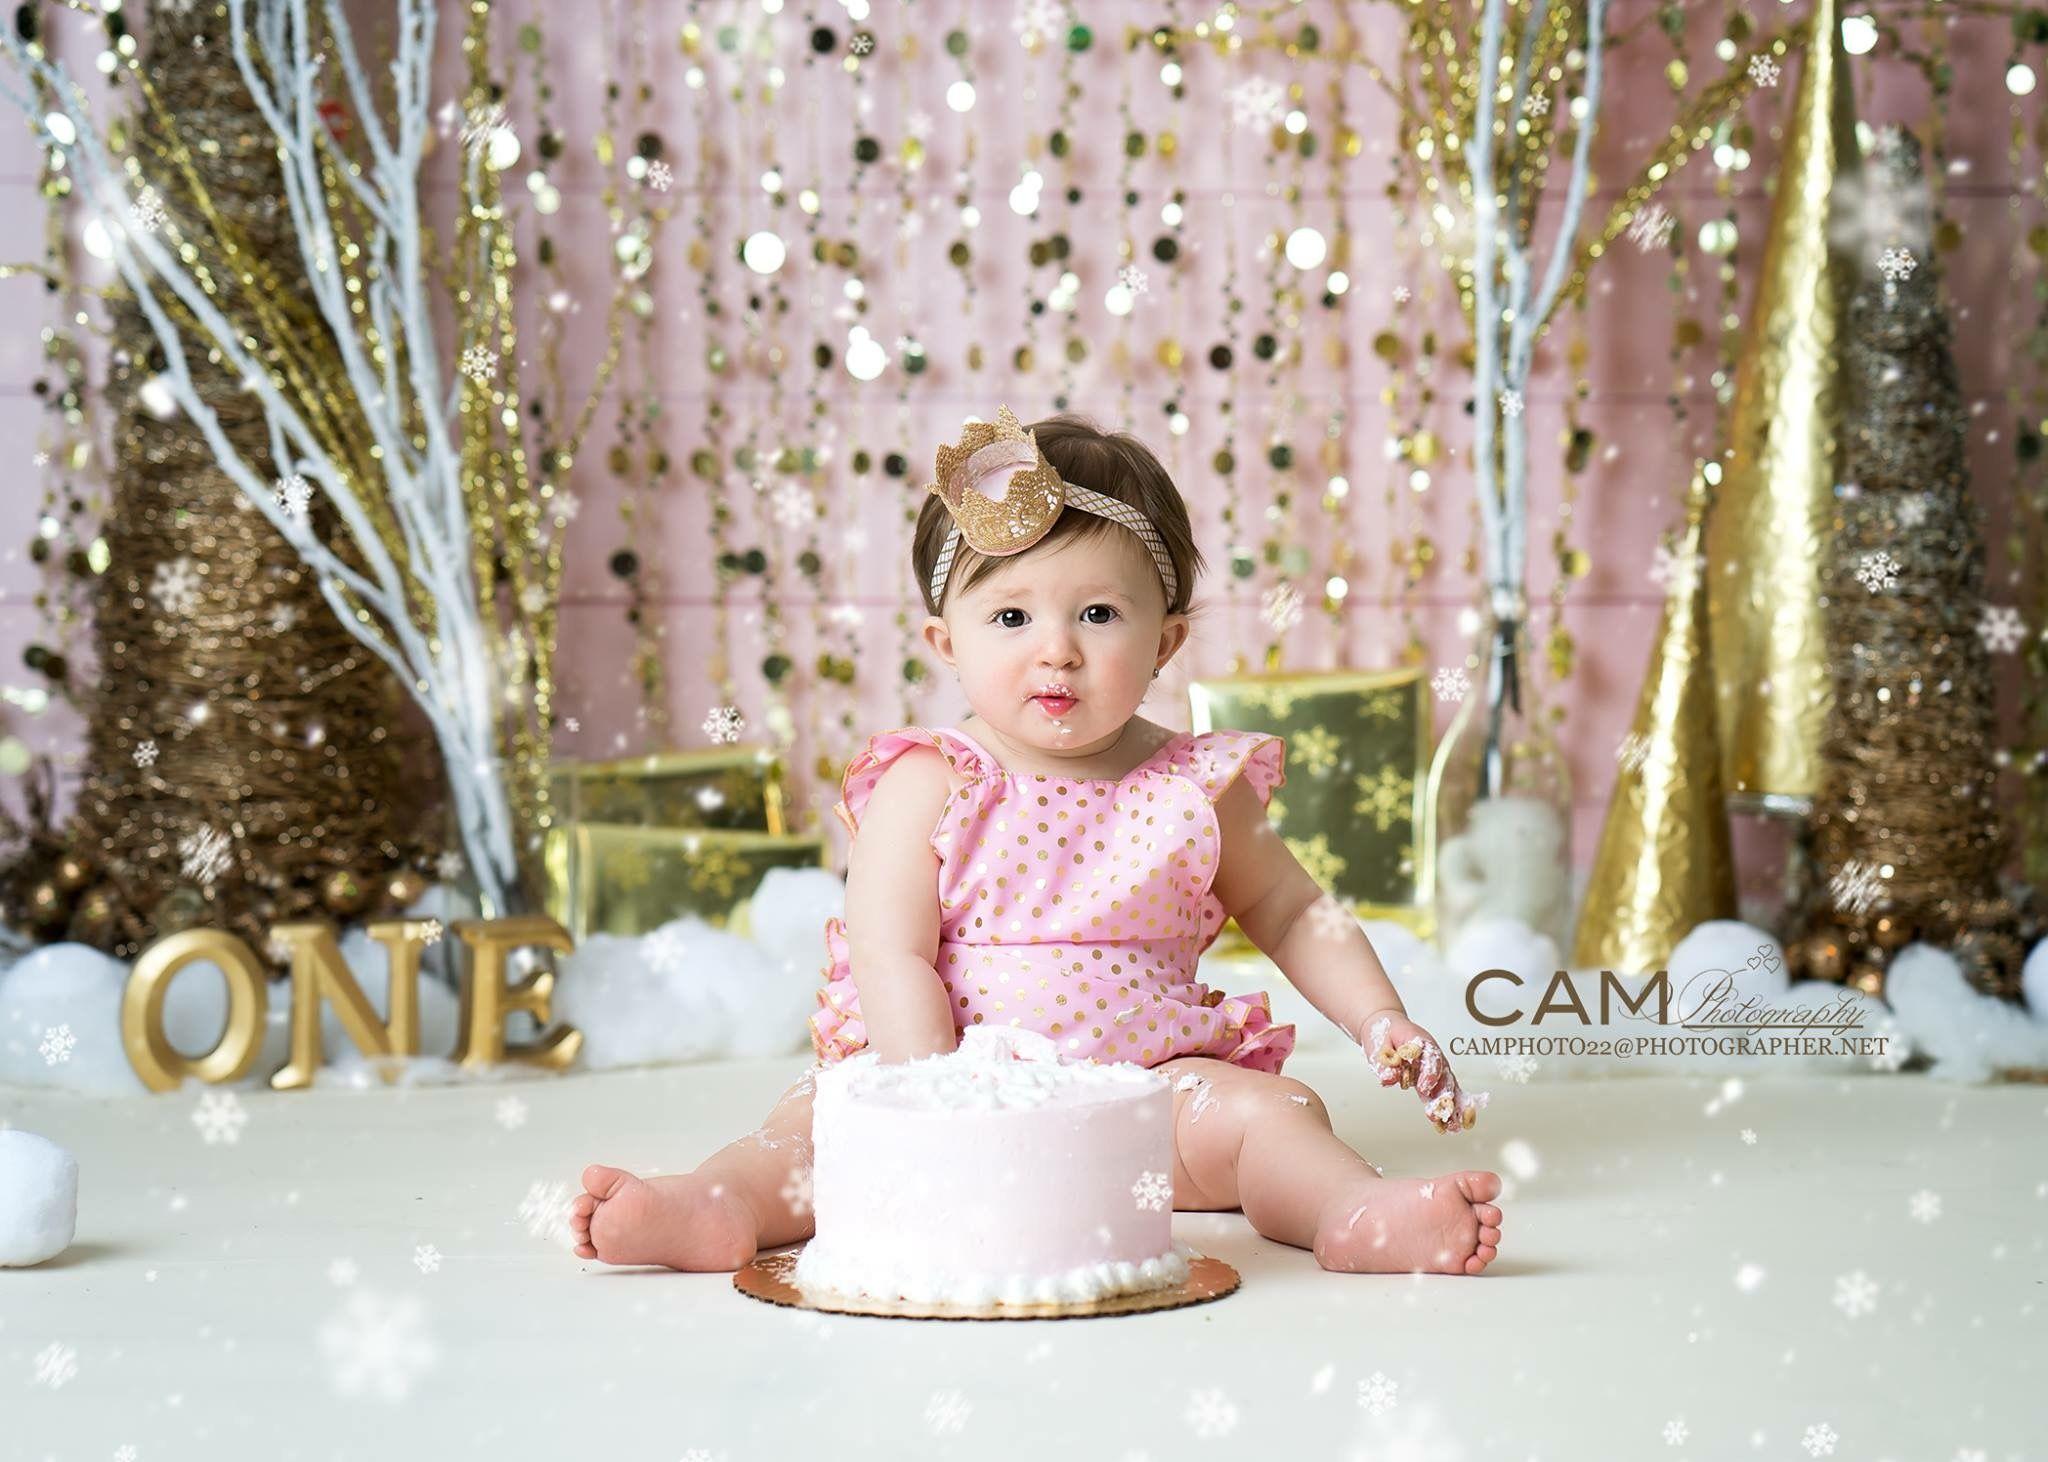 Winter Onederland First Birthday Photo Shoot First Birthday